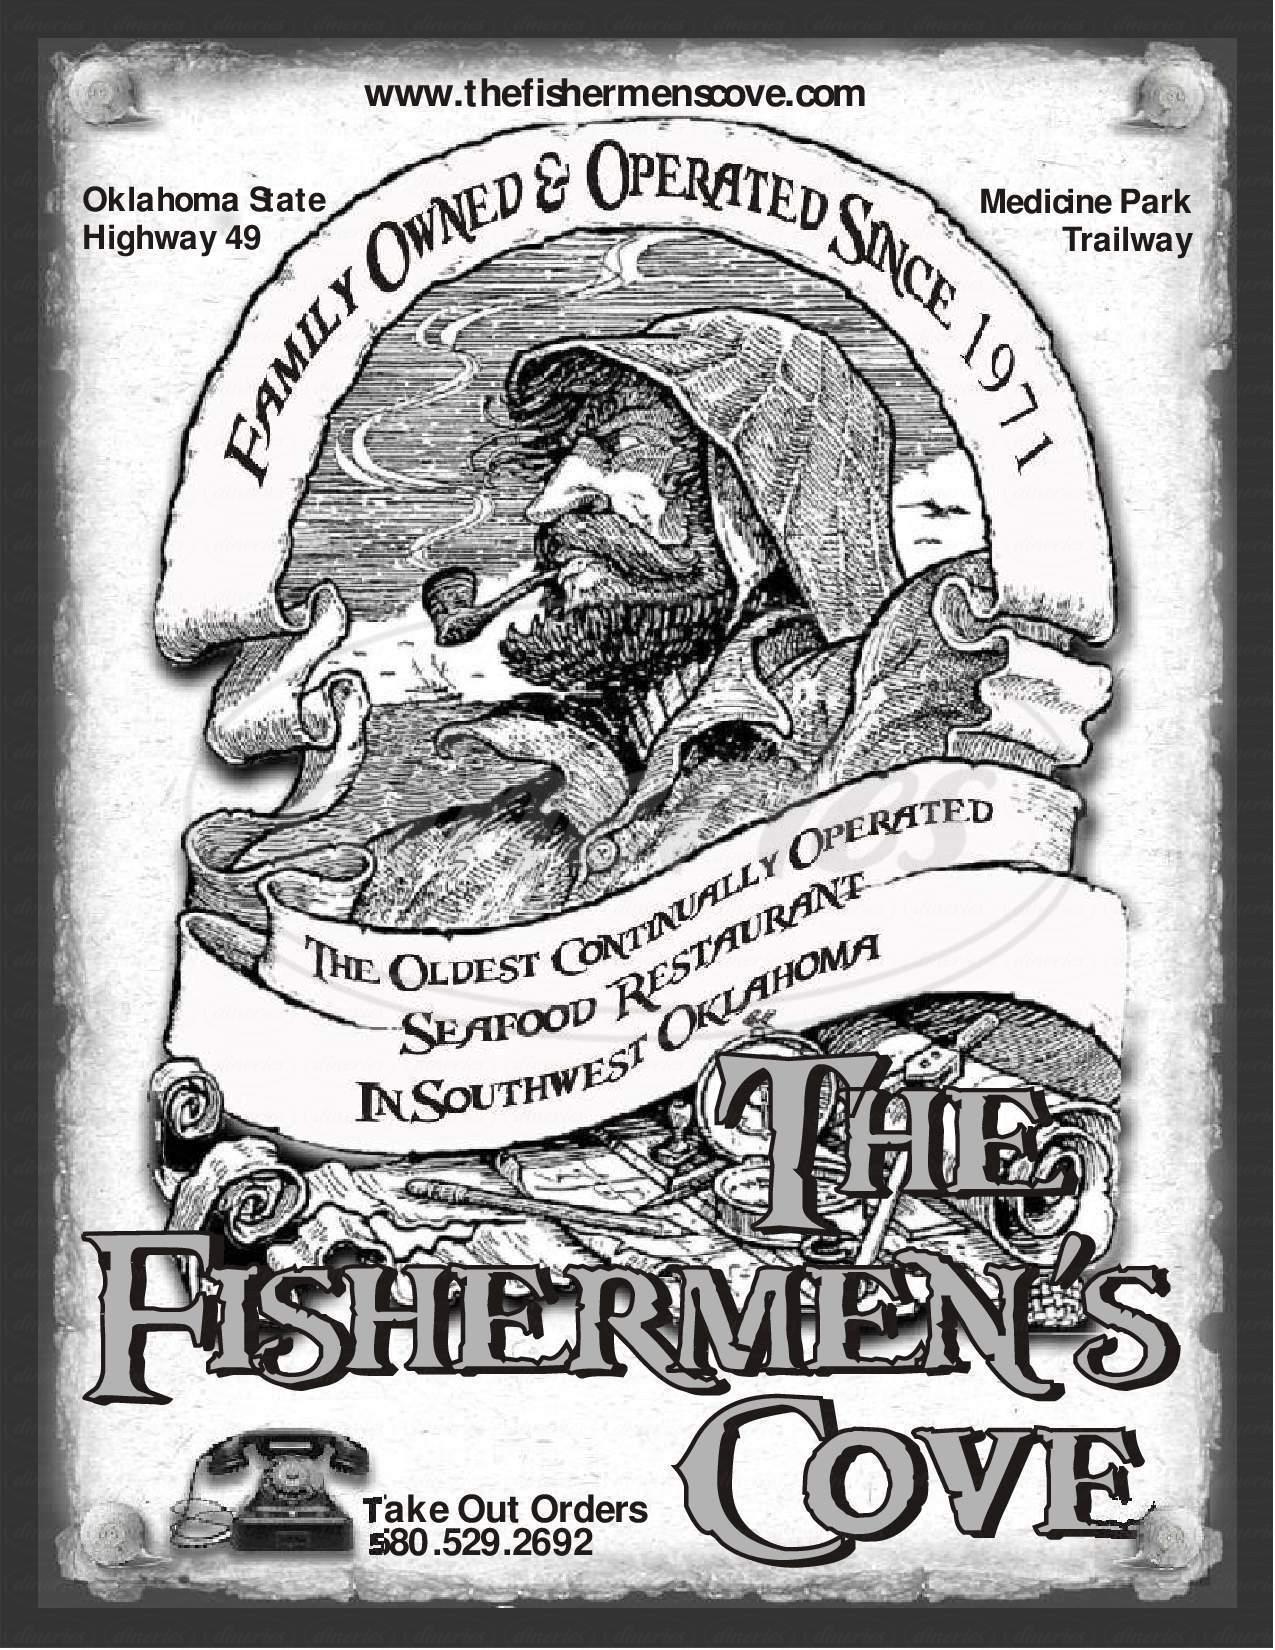 menu for Fishermen's Cove